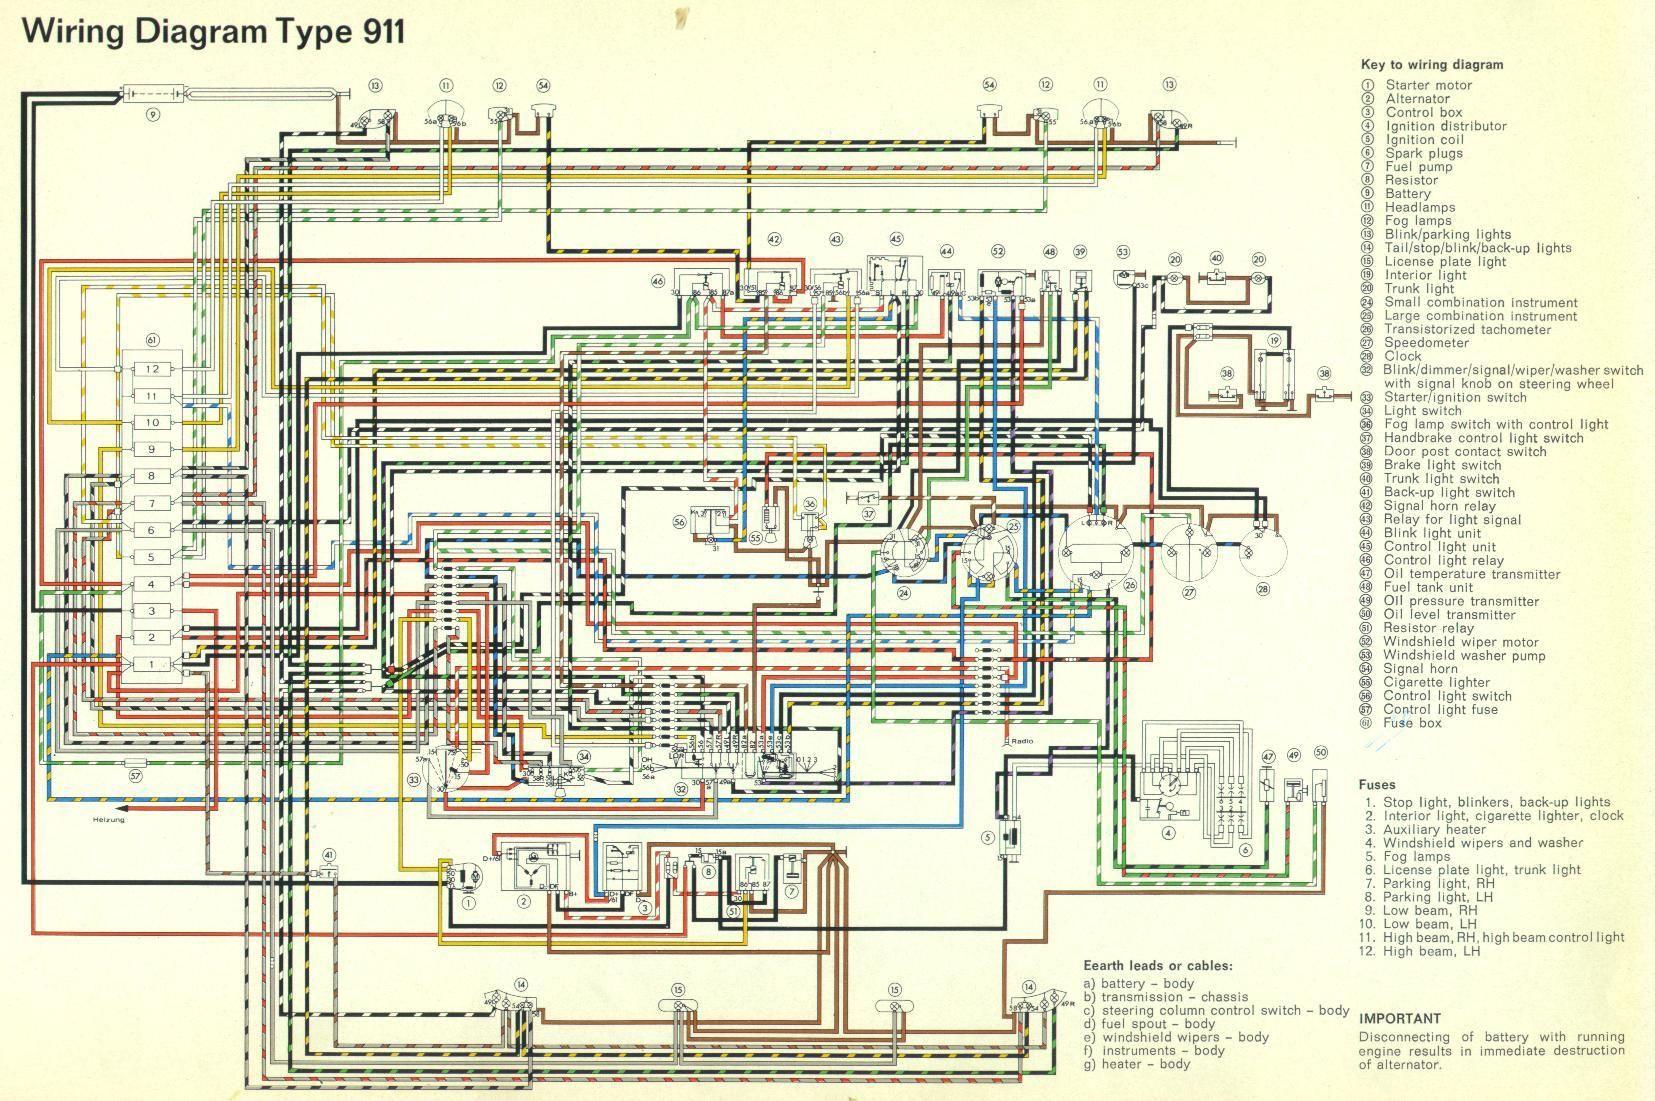 wiring diagrams for 86 porsche 944 porsche auto wiring Porsche 944 Fuse  Diagram 1987 1983 Porsche 944 Fuse Diagram